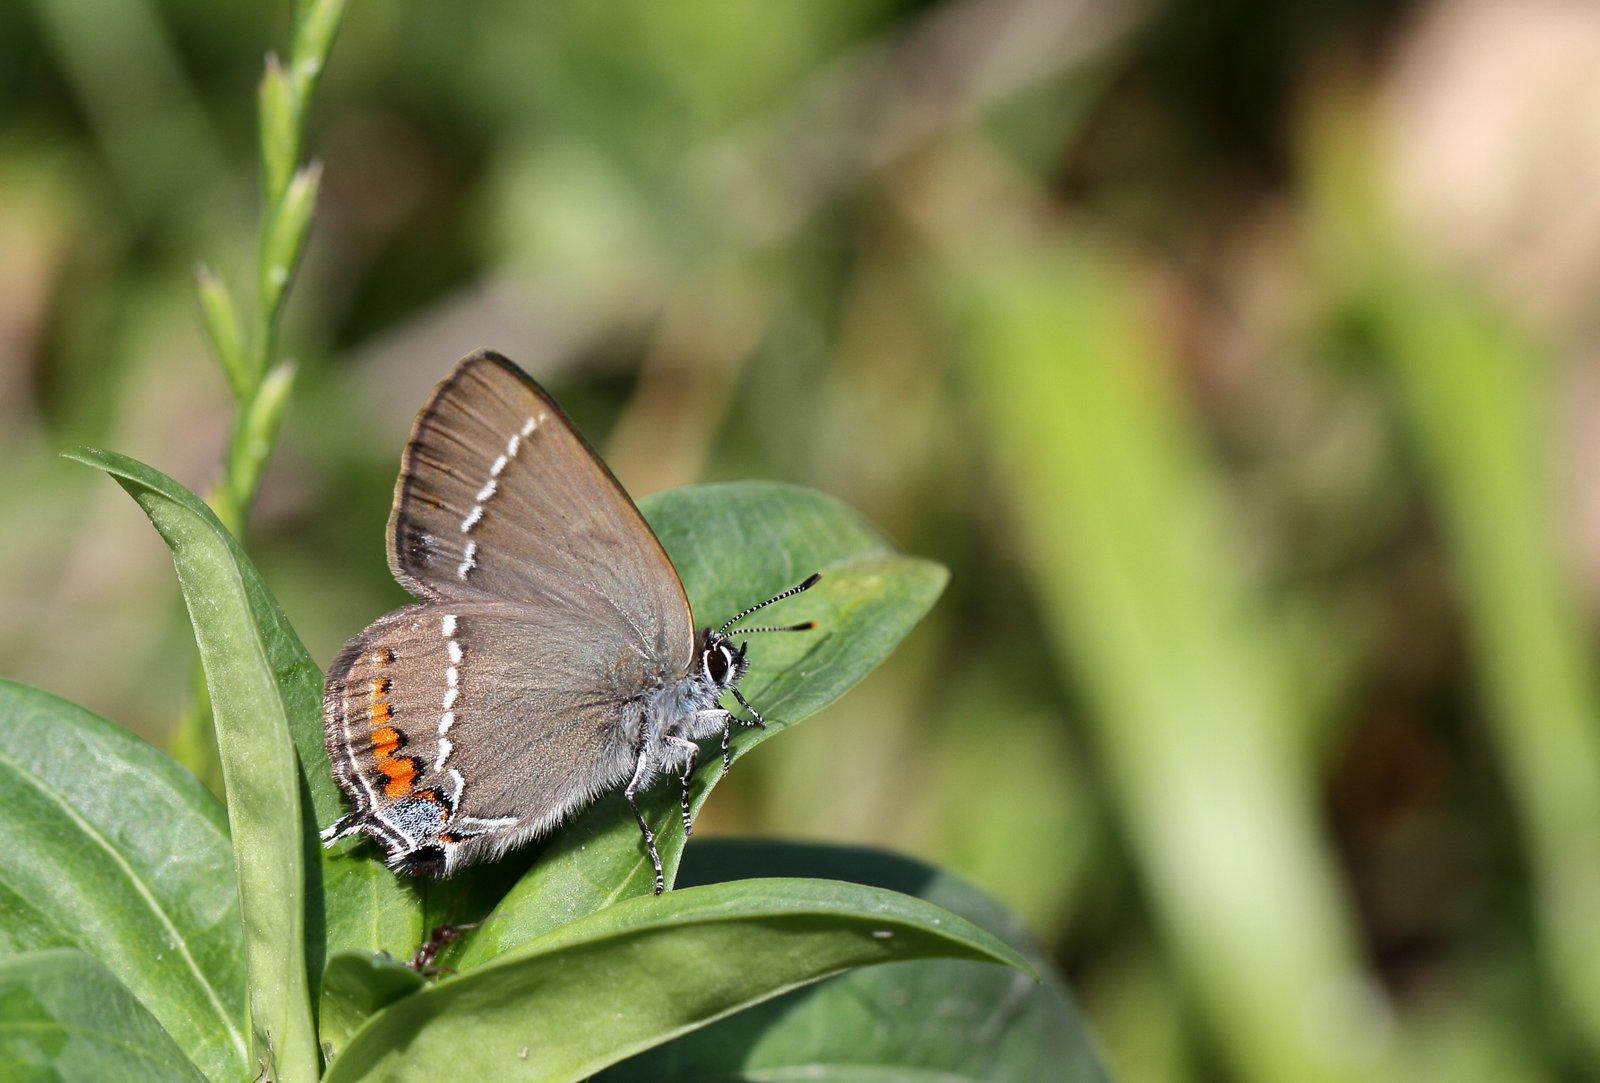 Vrietornsommerfugl, Satyrium spini